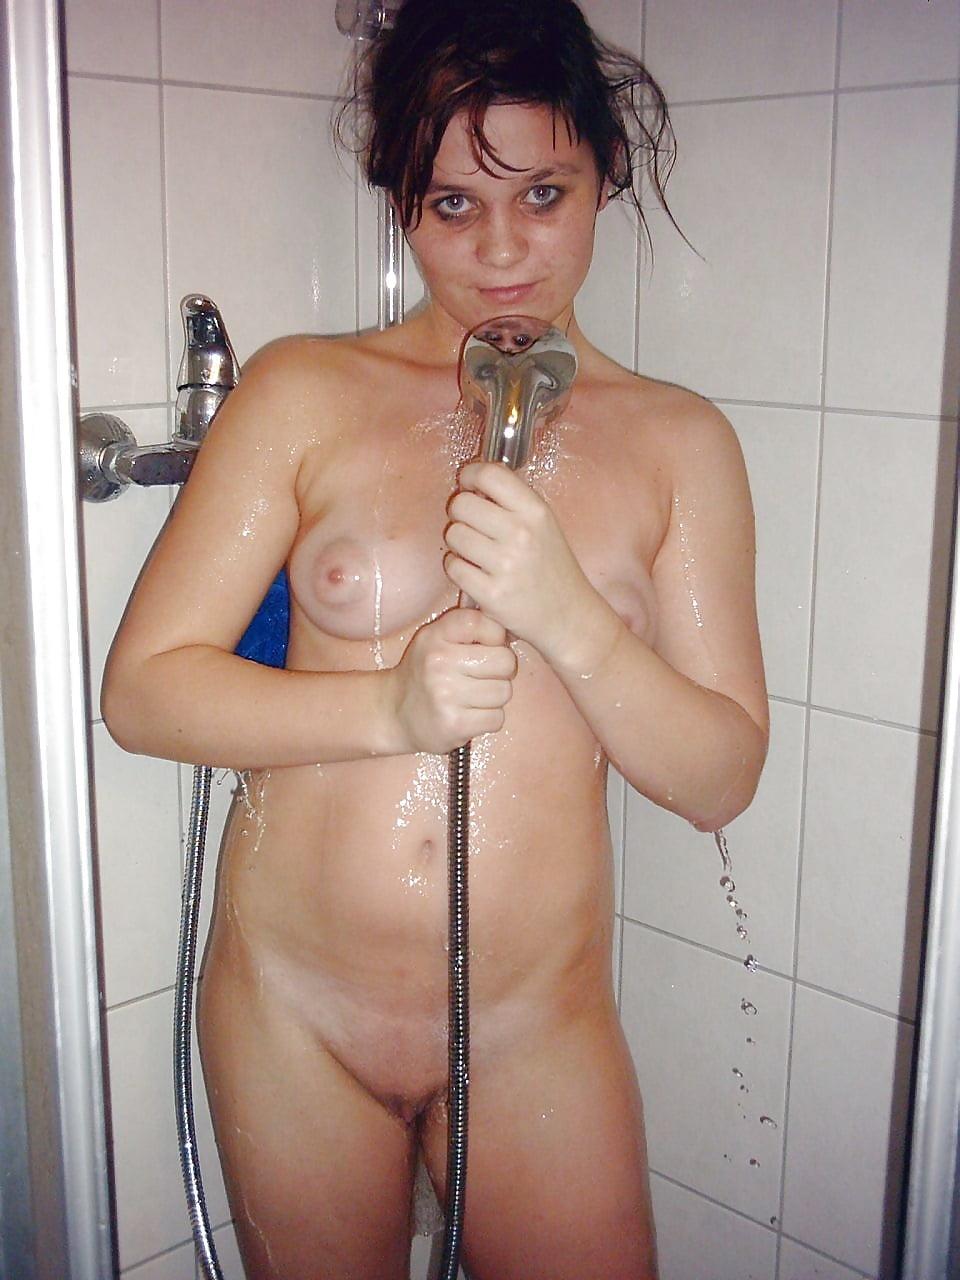 Amateure nude Amateur Nude